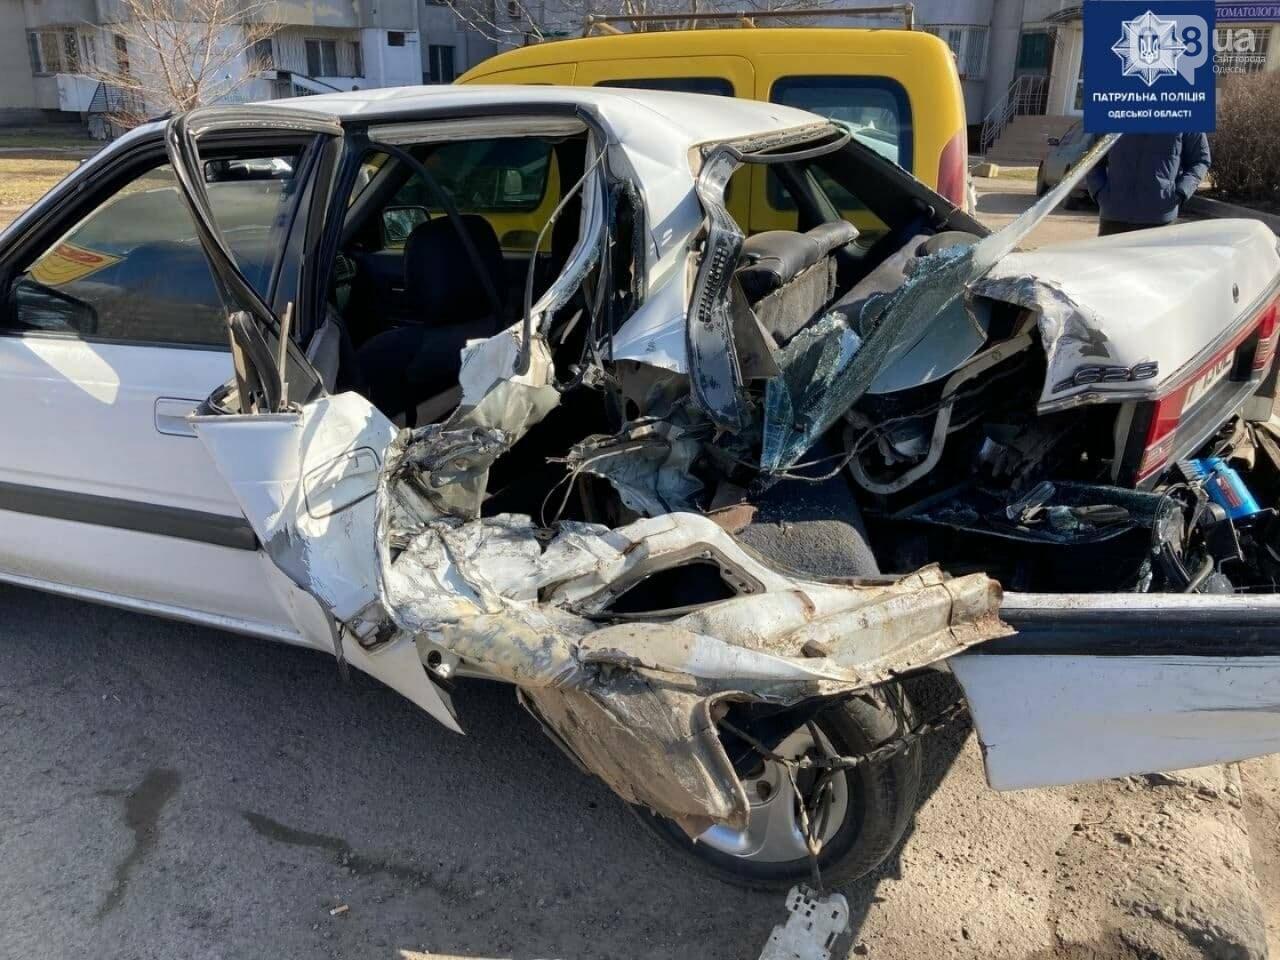 Разорвало заднюю часть автомобиля: в Одессе на посёлке Котовского произошло ДТП, - ФОТО , фото-1